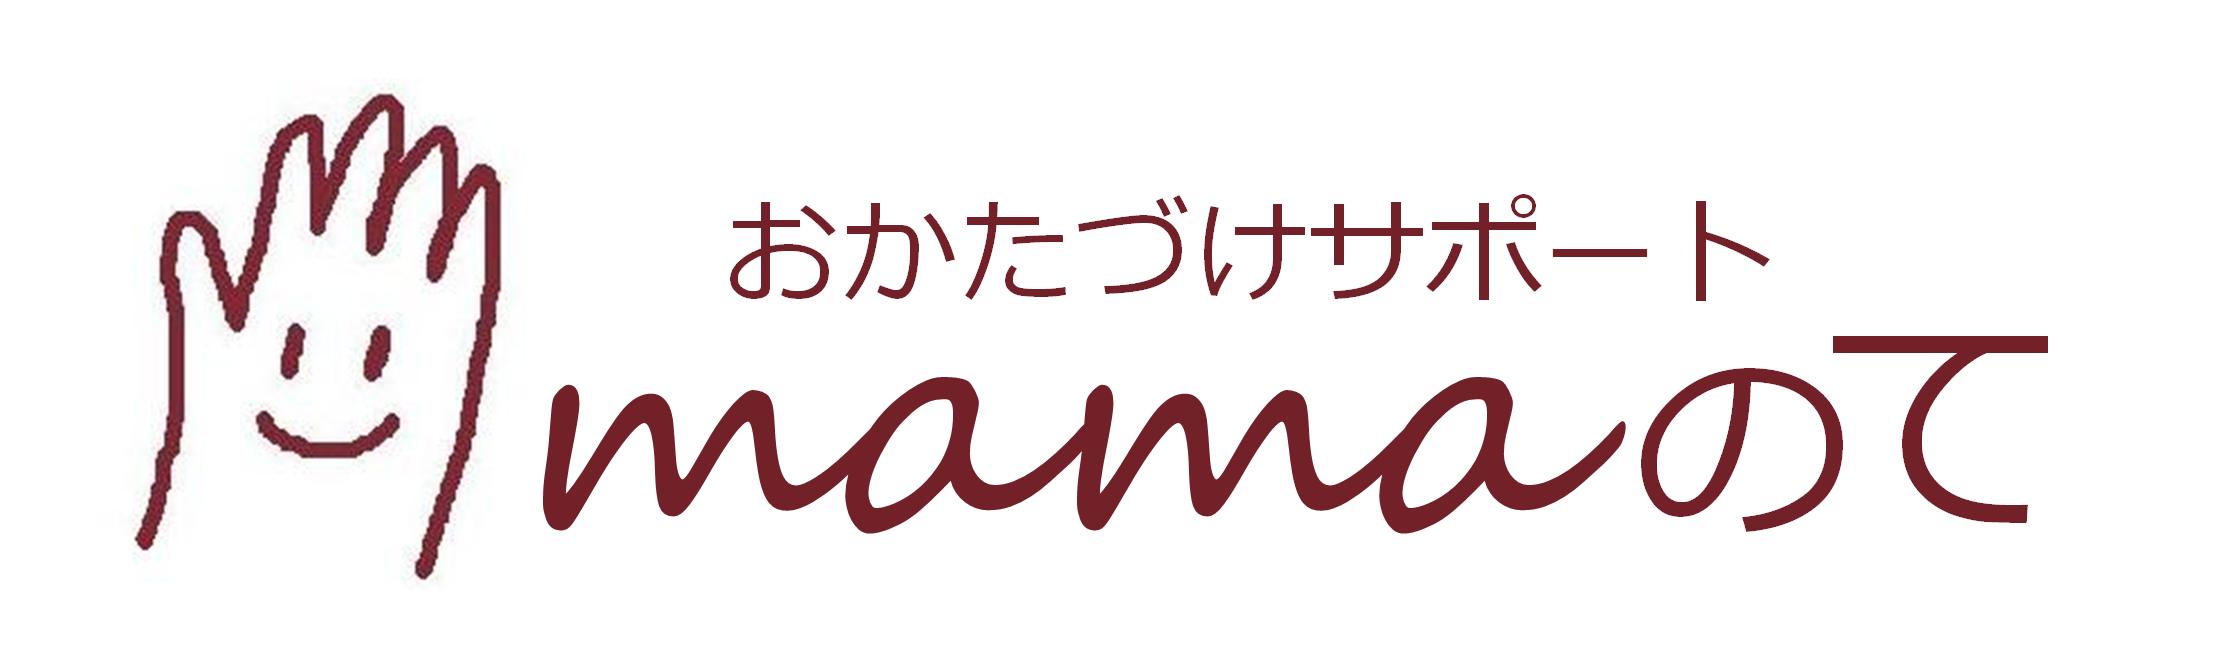 長野 軽井沢│お片づけサポート mamaのて(ままのて)山口あや